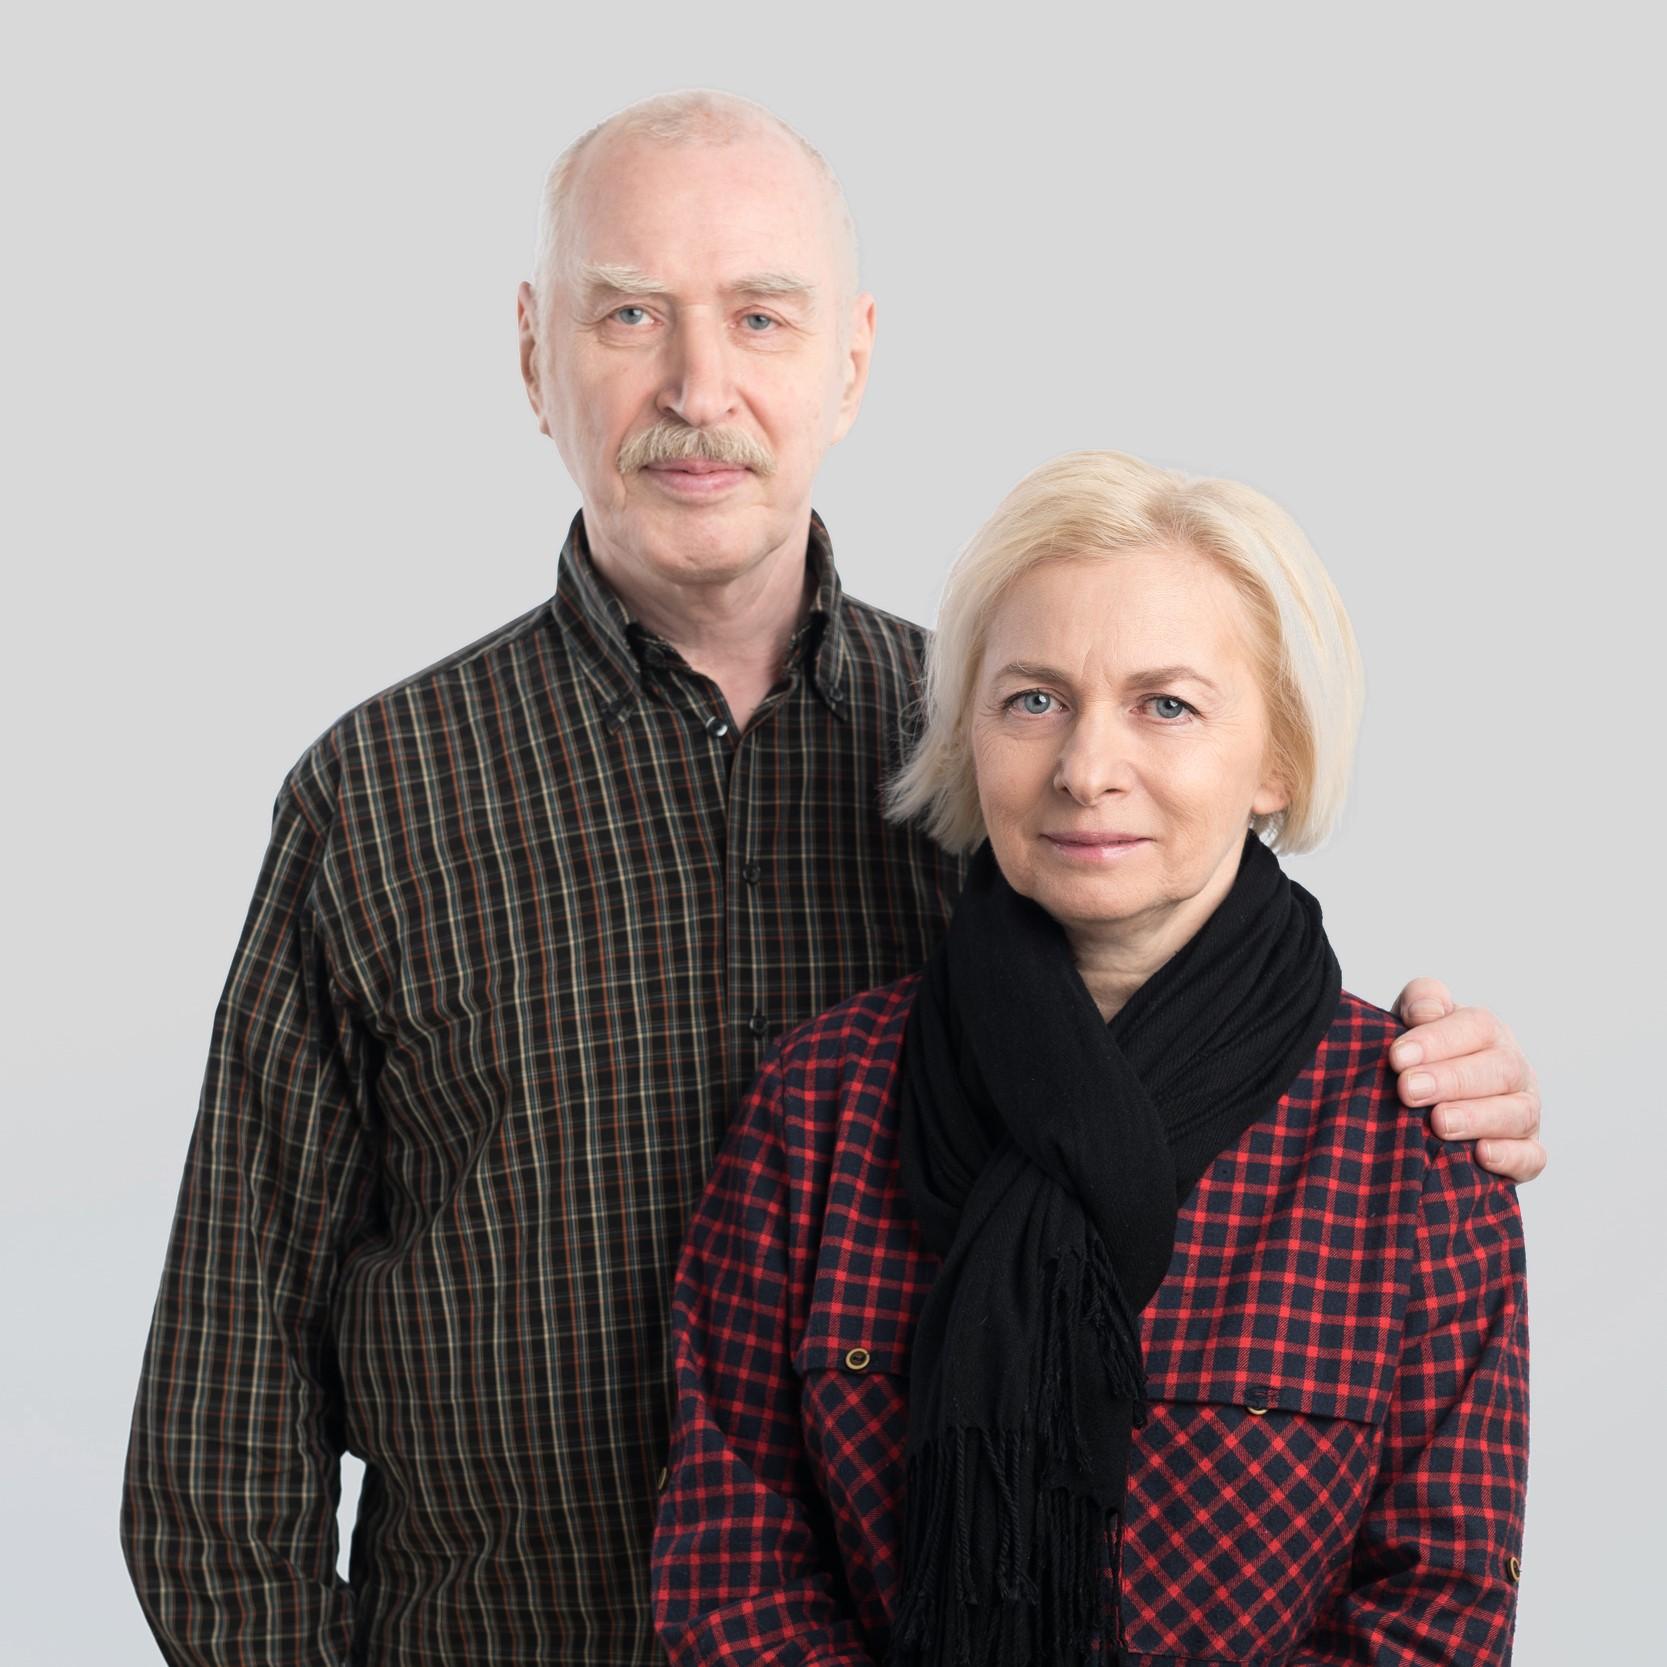 Olga Subbotina and Mikhail Pavlukevich